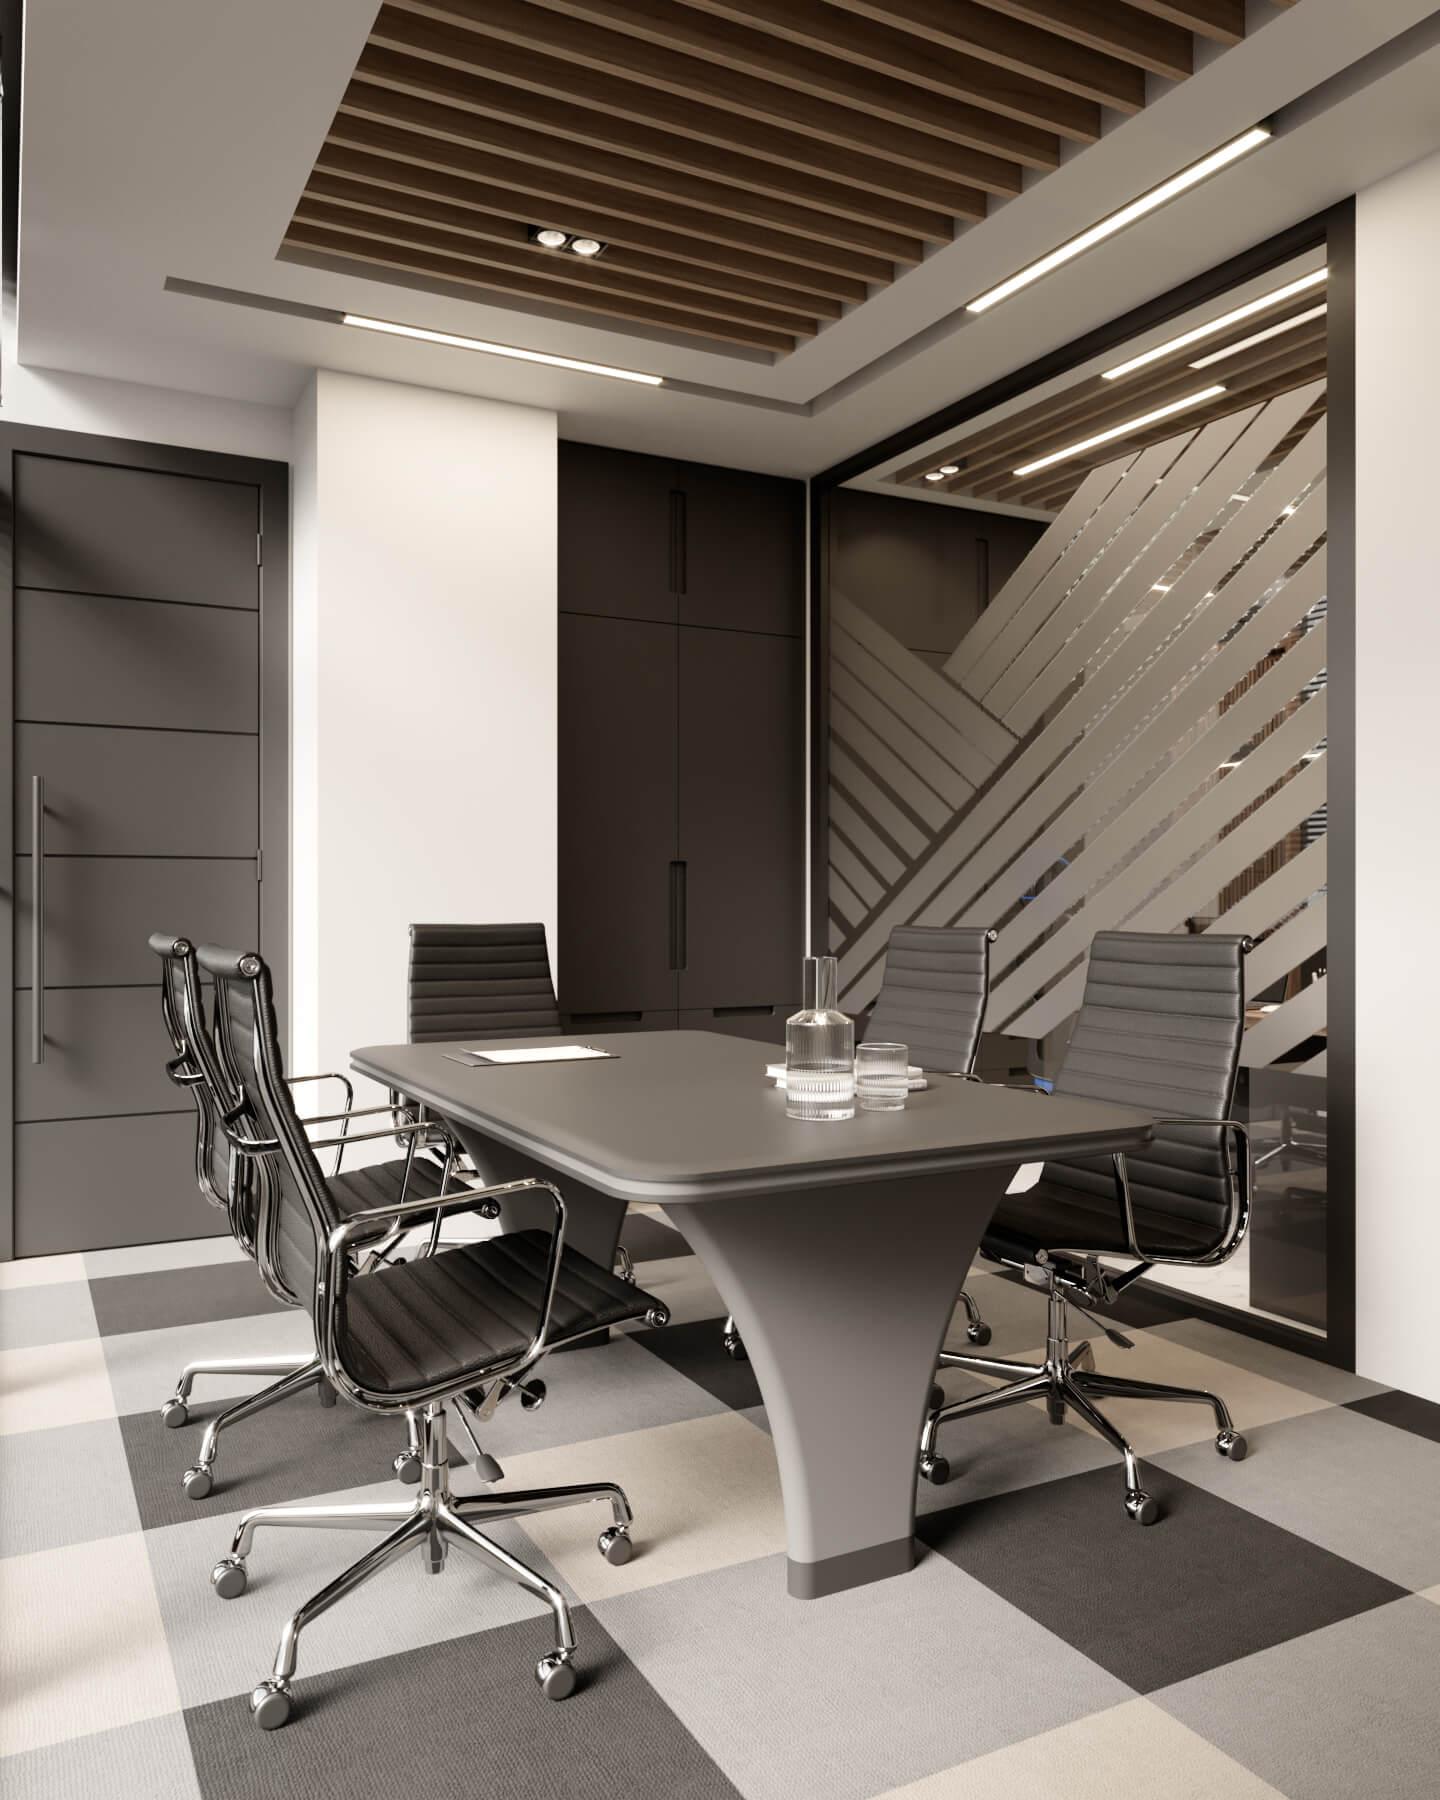 ofis dekorasyonu 4105 Altın Hayat Sigorta Ofisler